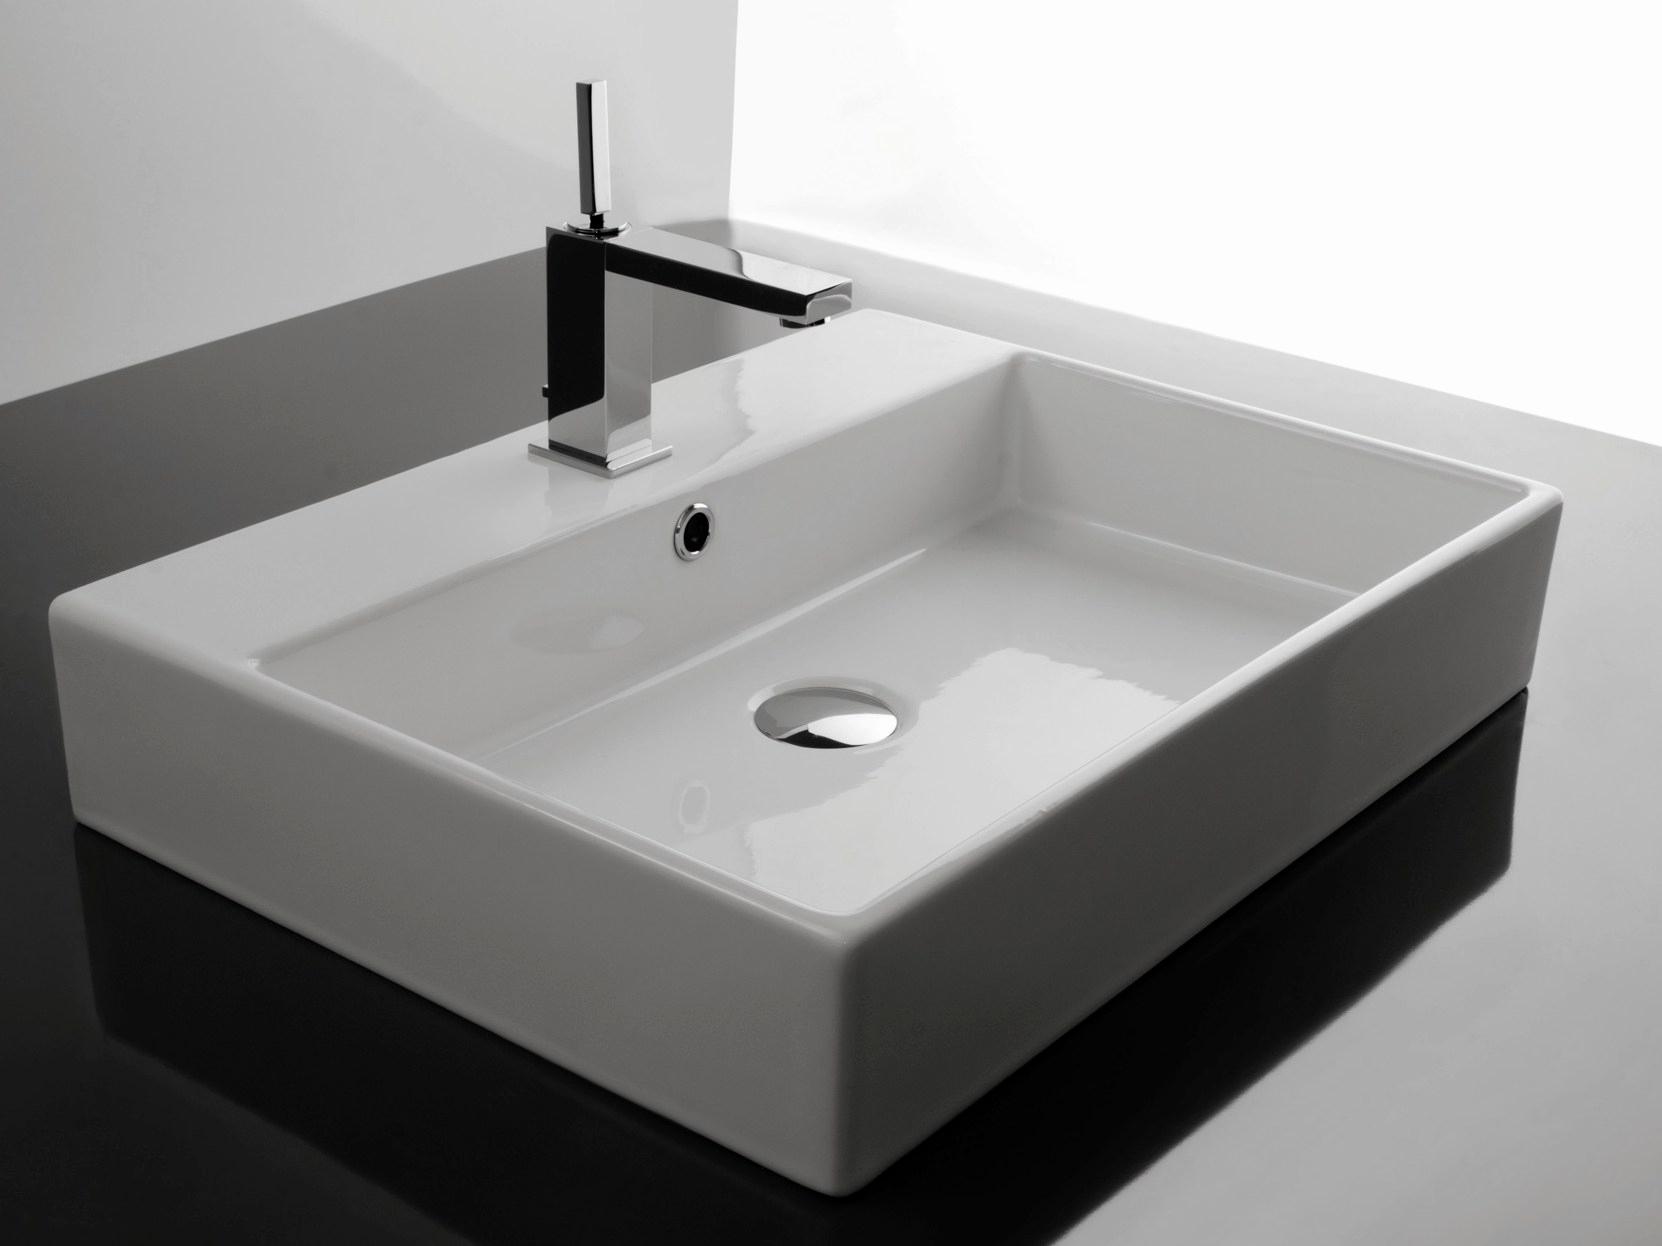 meuble pour vasque poser ikea nouveau photos lave main. Black Bedroom Furniture Sets. Home Design Ideas